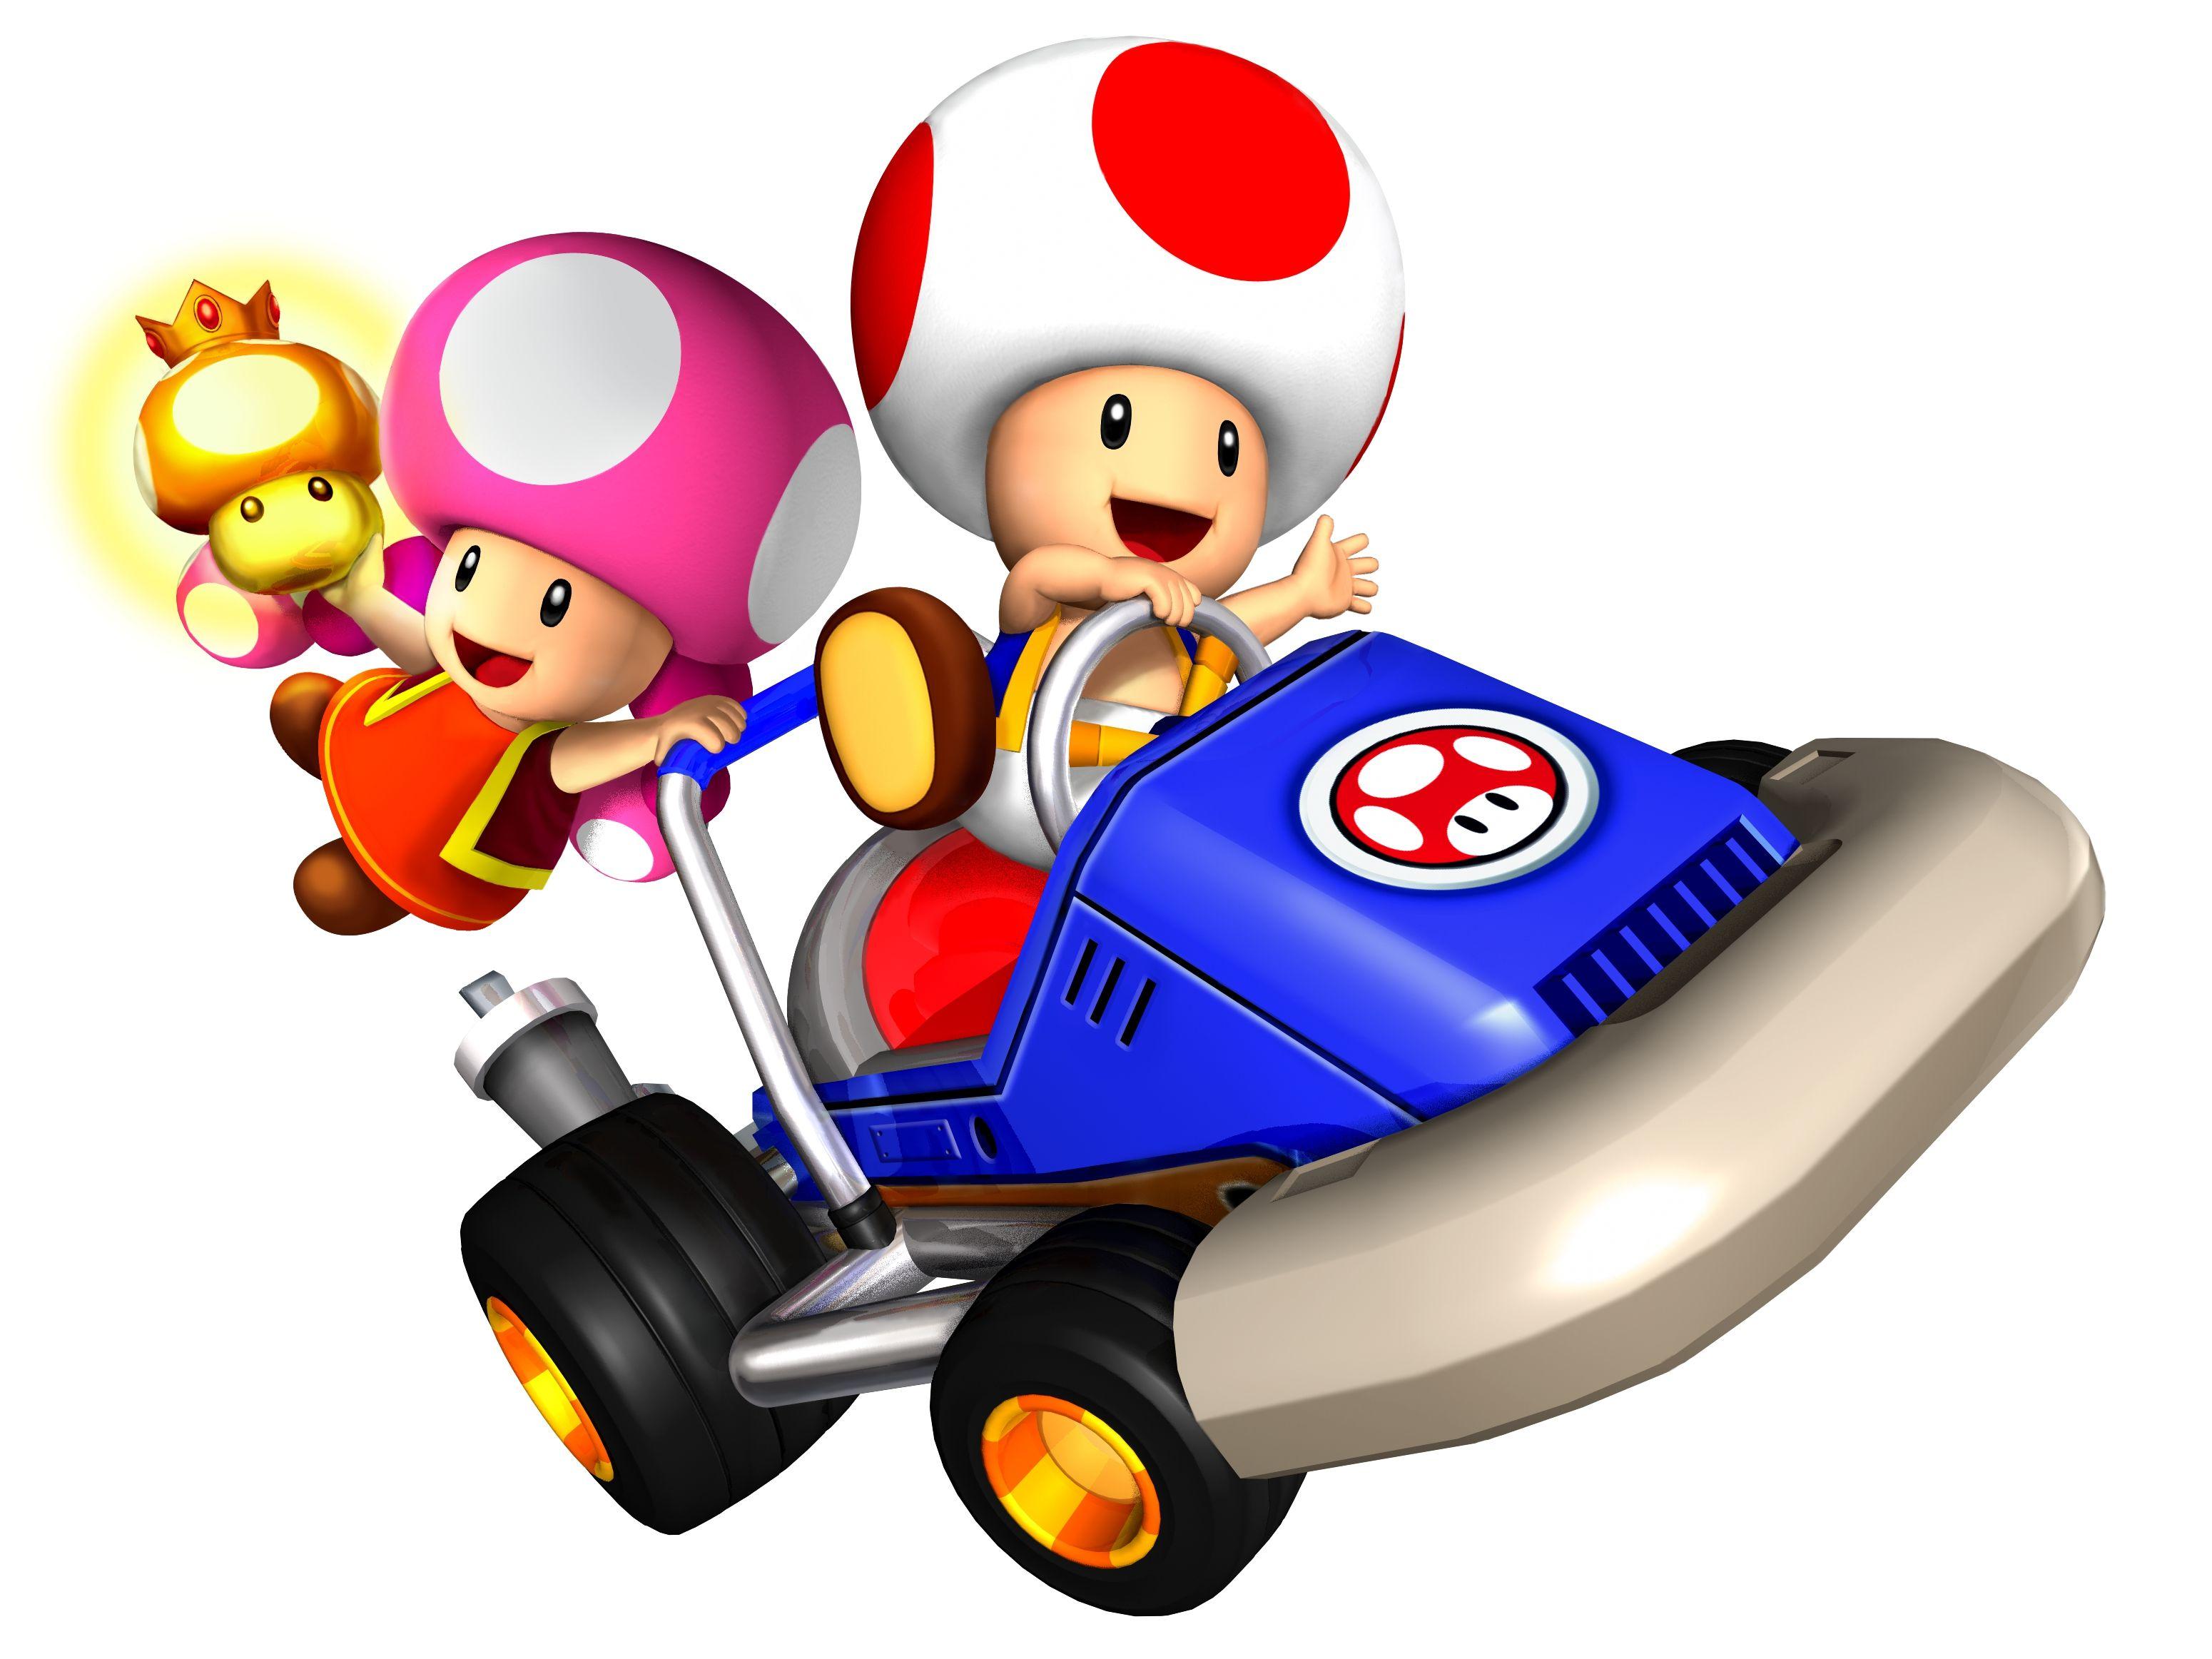 Toad Toadette In Mario Kart 2 Dash Mario Kart Toad Mario Kart Mario